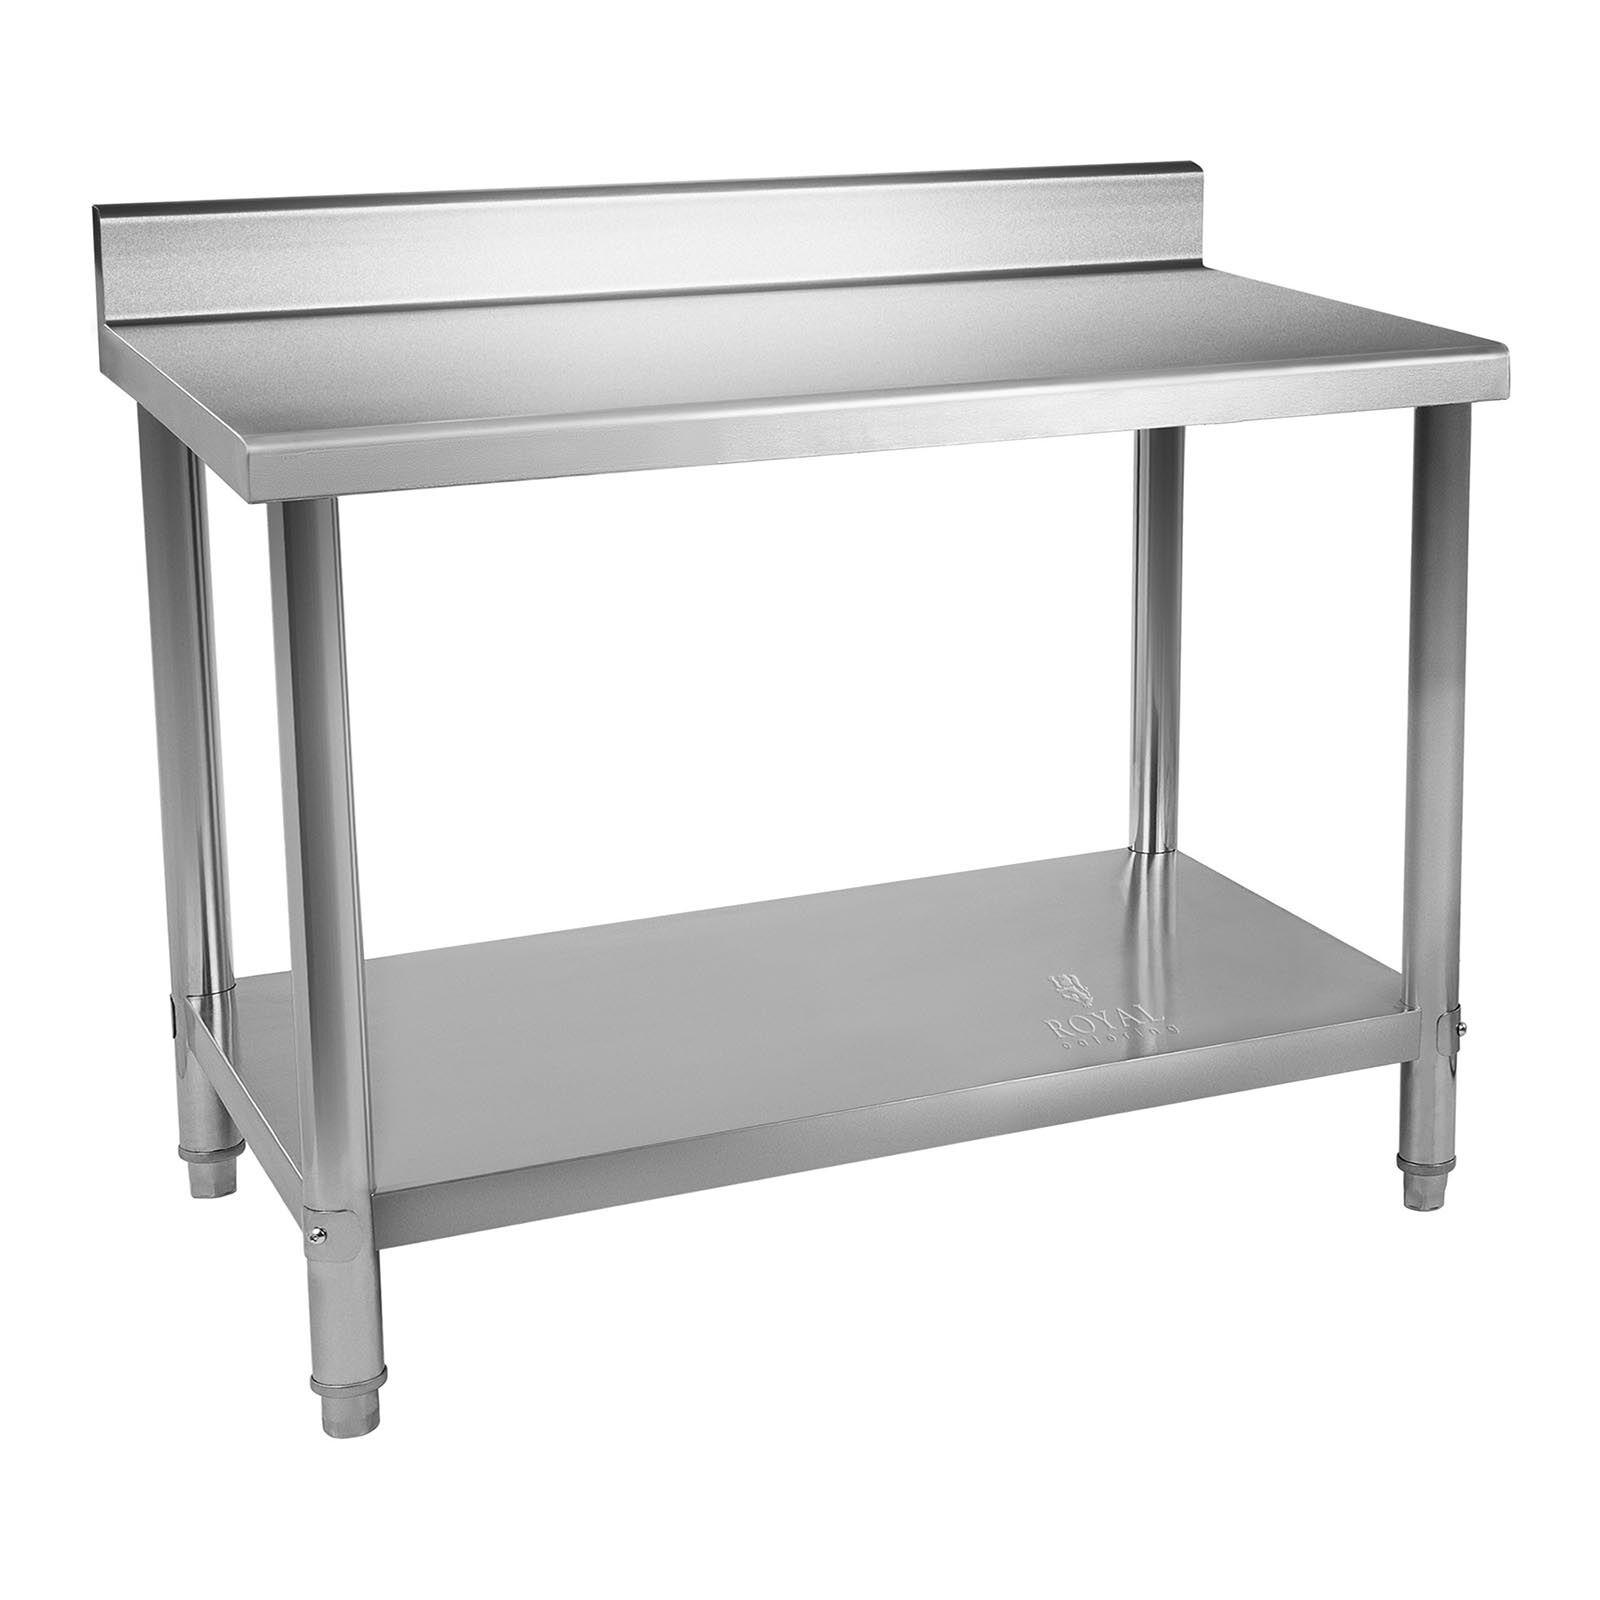 Royal Catering Table de travail en inox - 120 x 60 cm - Capacité de 110 kg - Avec dosseret